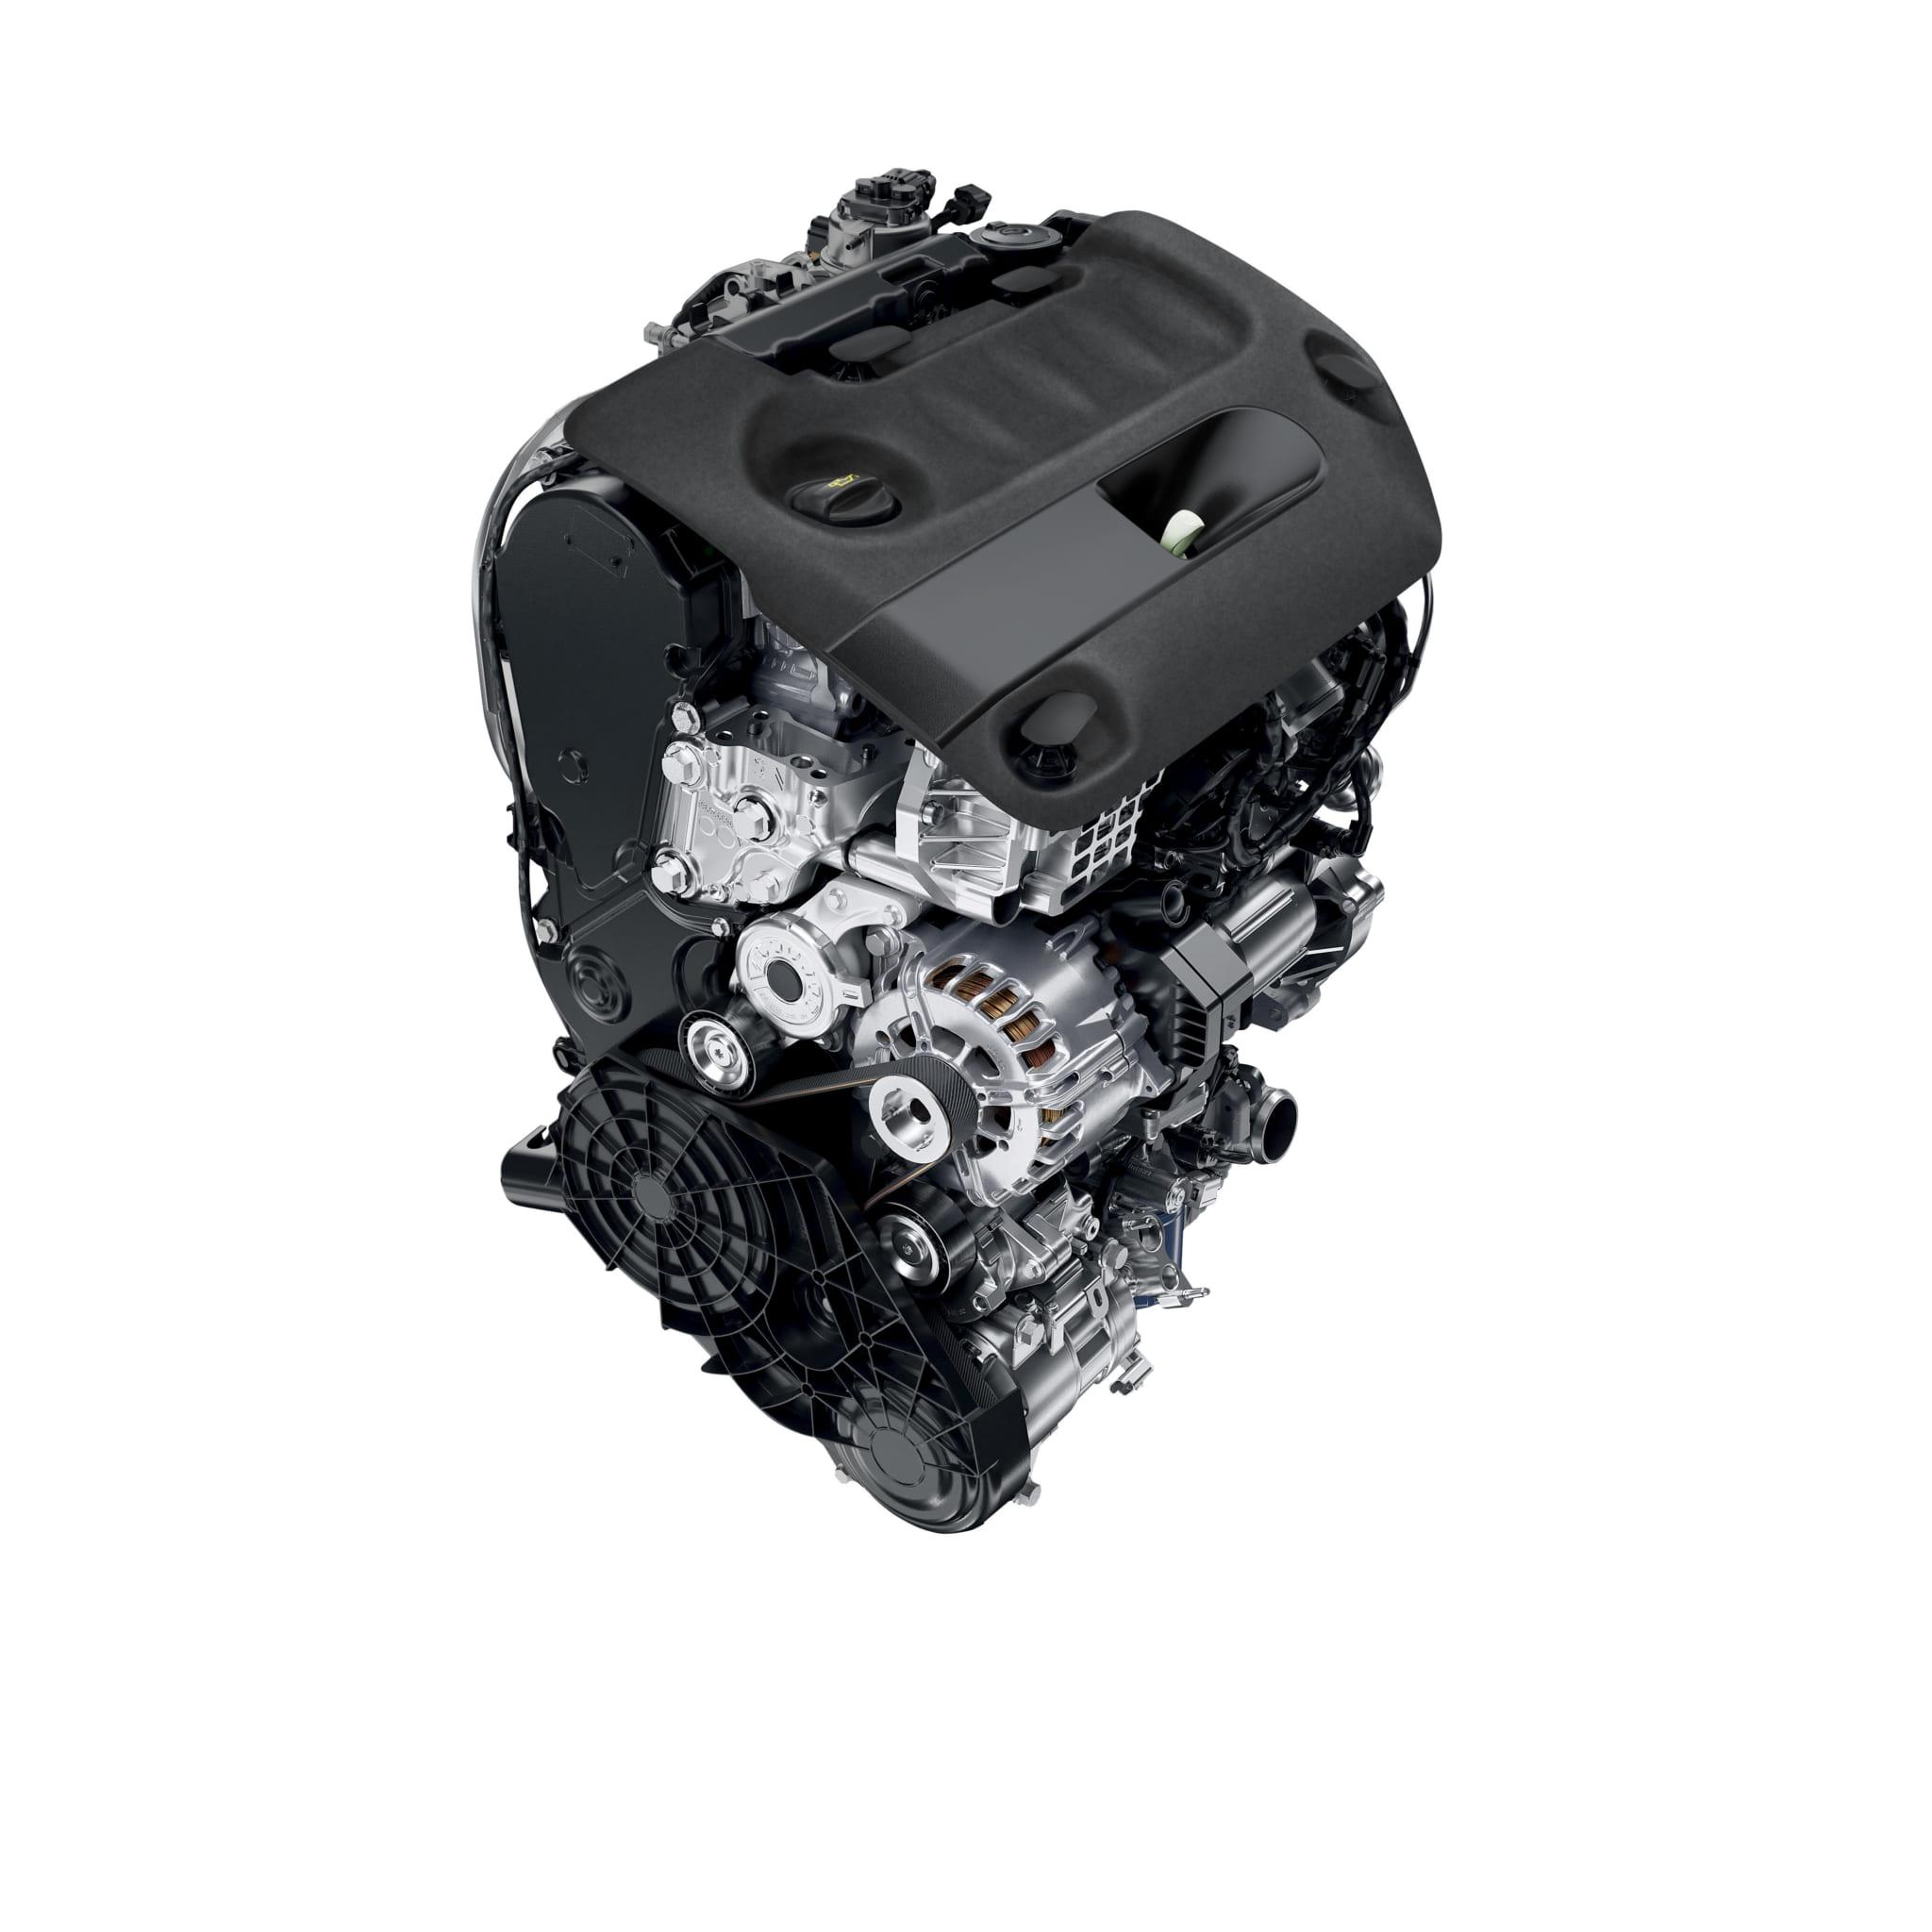 シトロエン C5 エアクロスSUV 2.0L BlueHDiエンジン